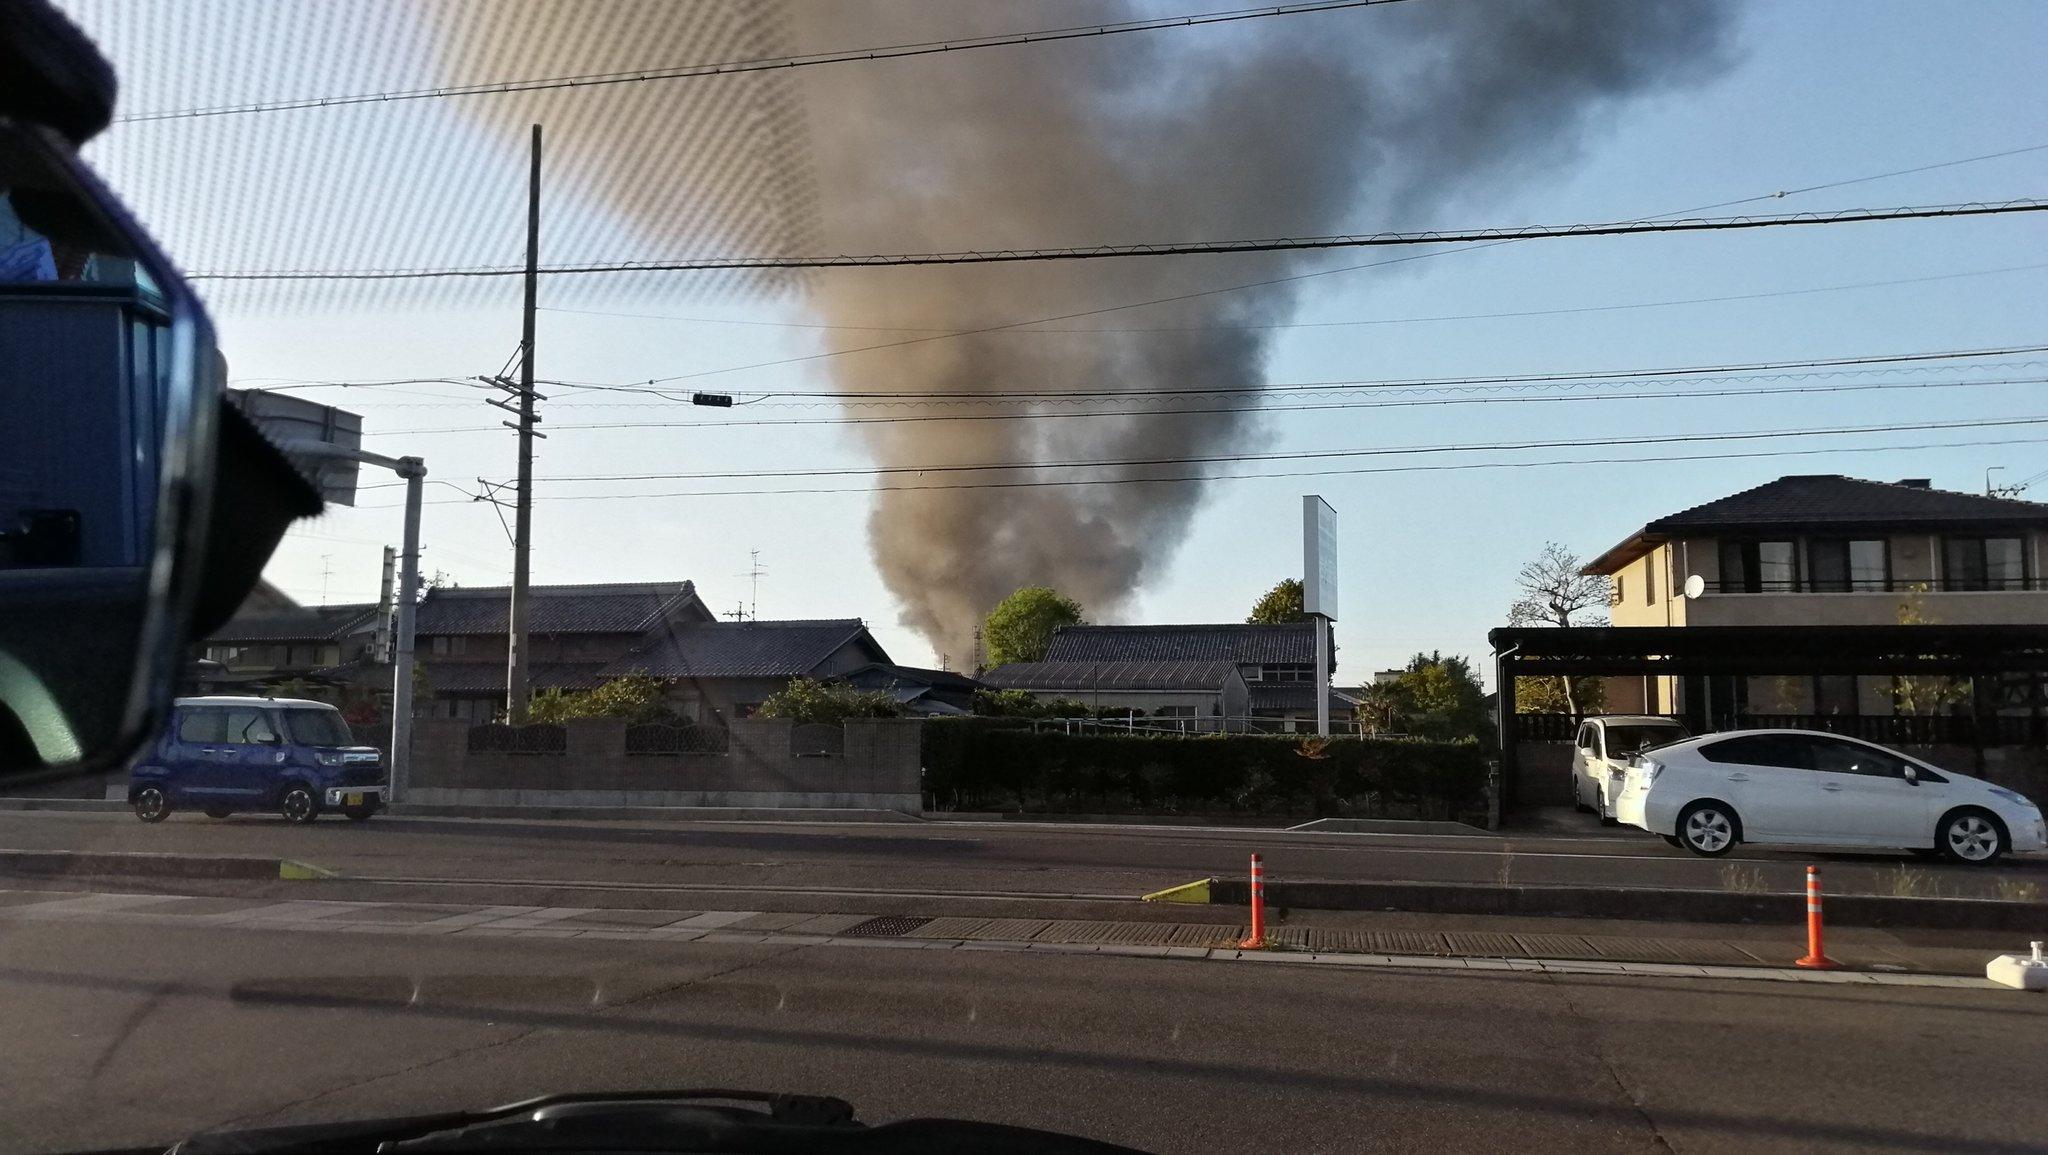 画像,消防車のサイレン聞こえるし、多分火事。 https://t.co/A9ucHPip8U。